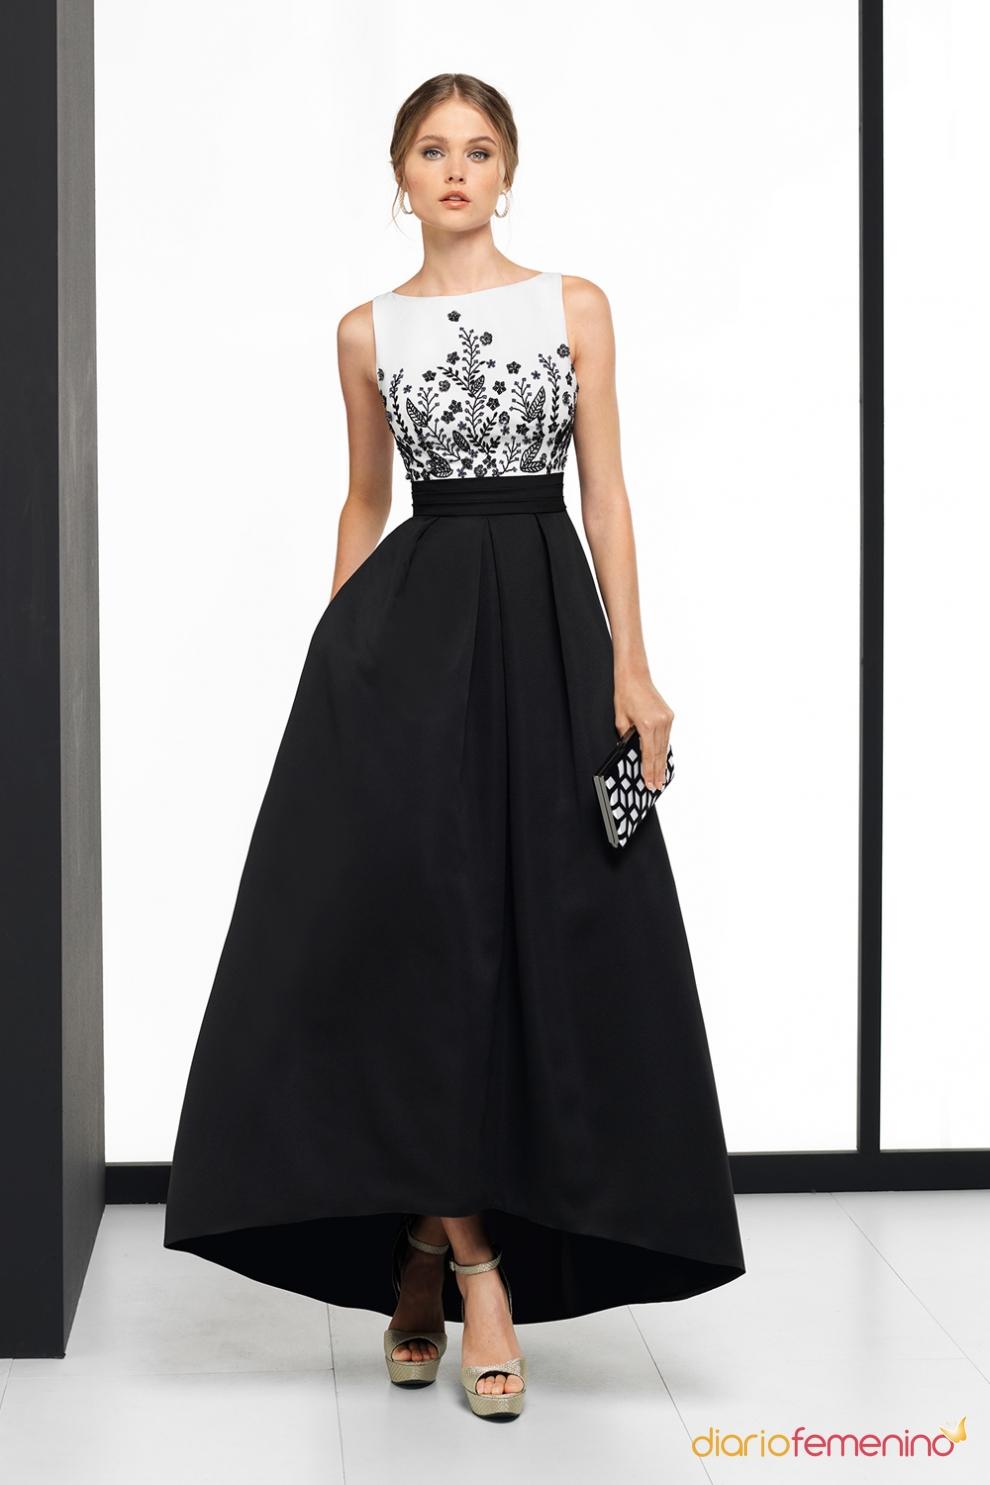 Binomio blanco y negro para un vestido de boda - Moda para boda ...